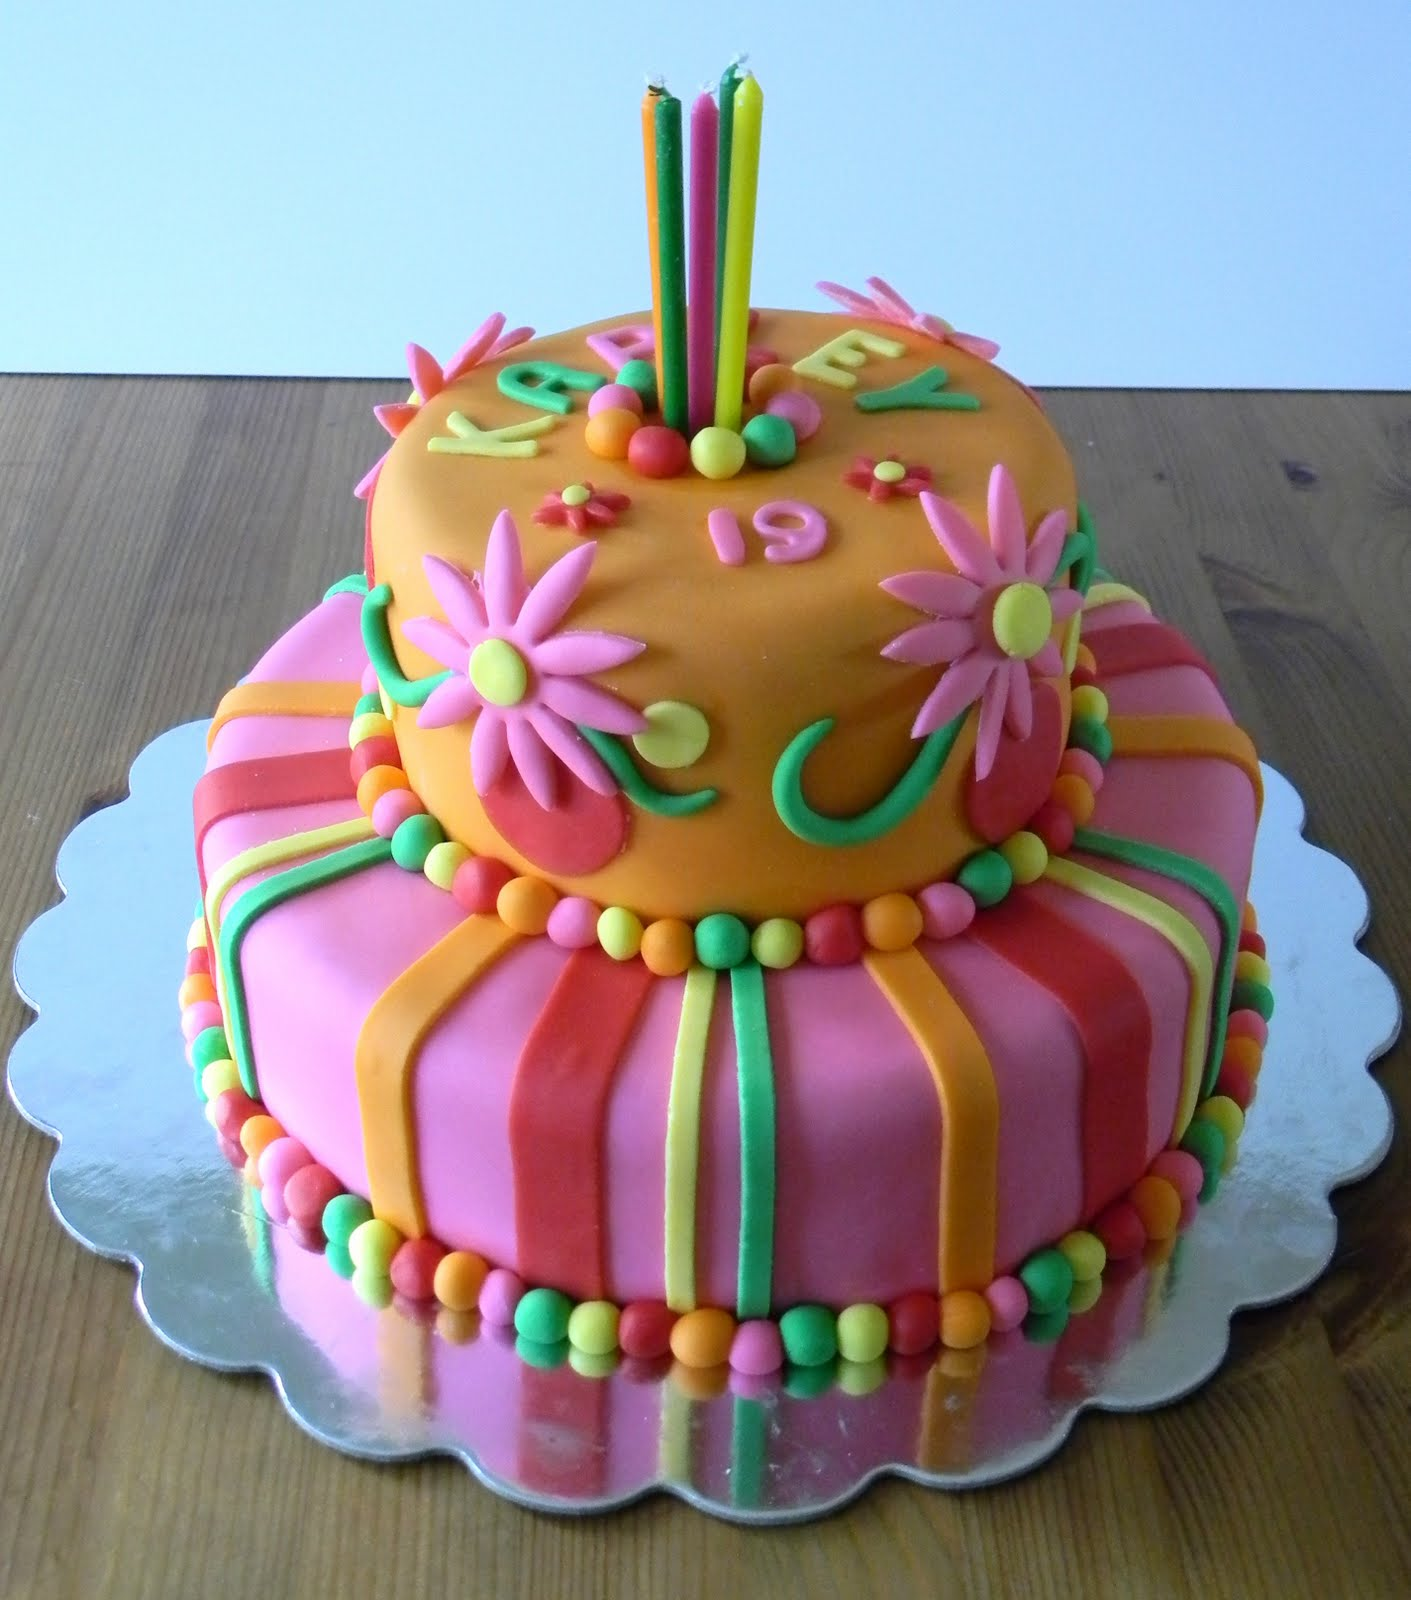 Sweet Treats By Bonnie Karleys Cake